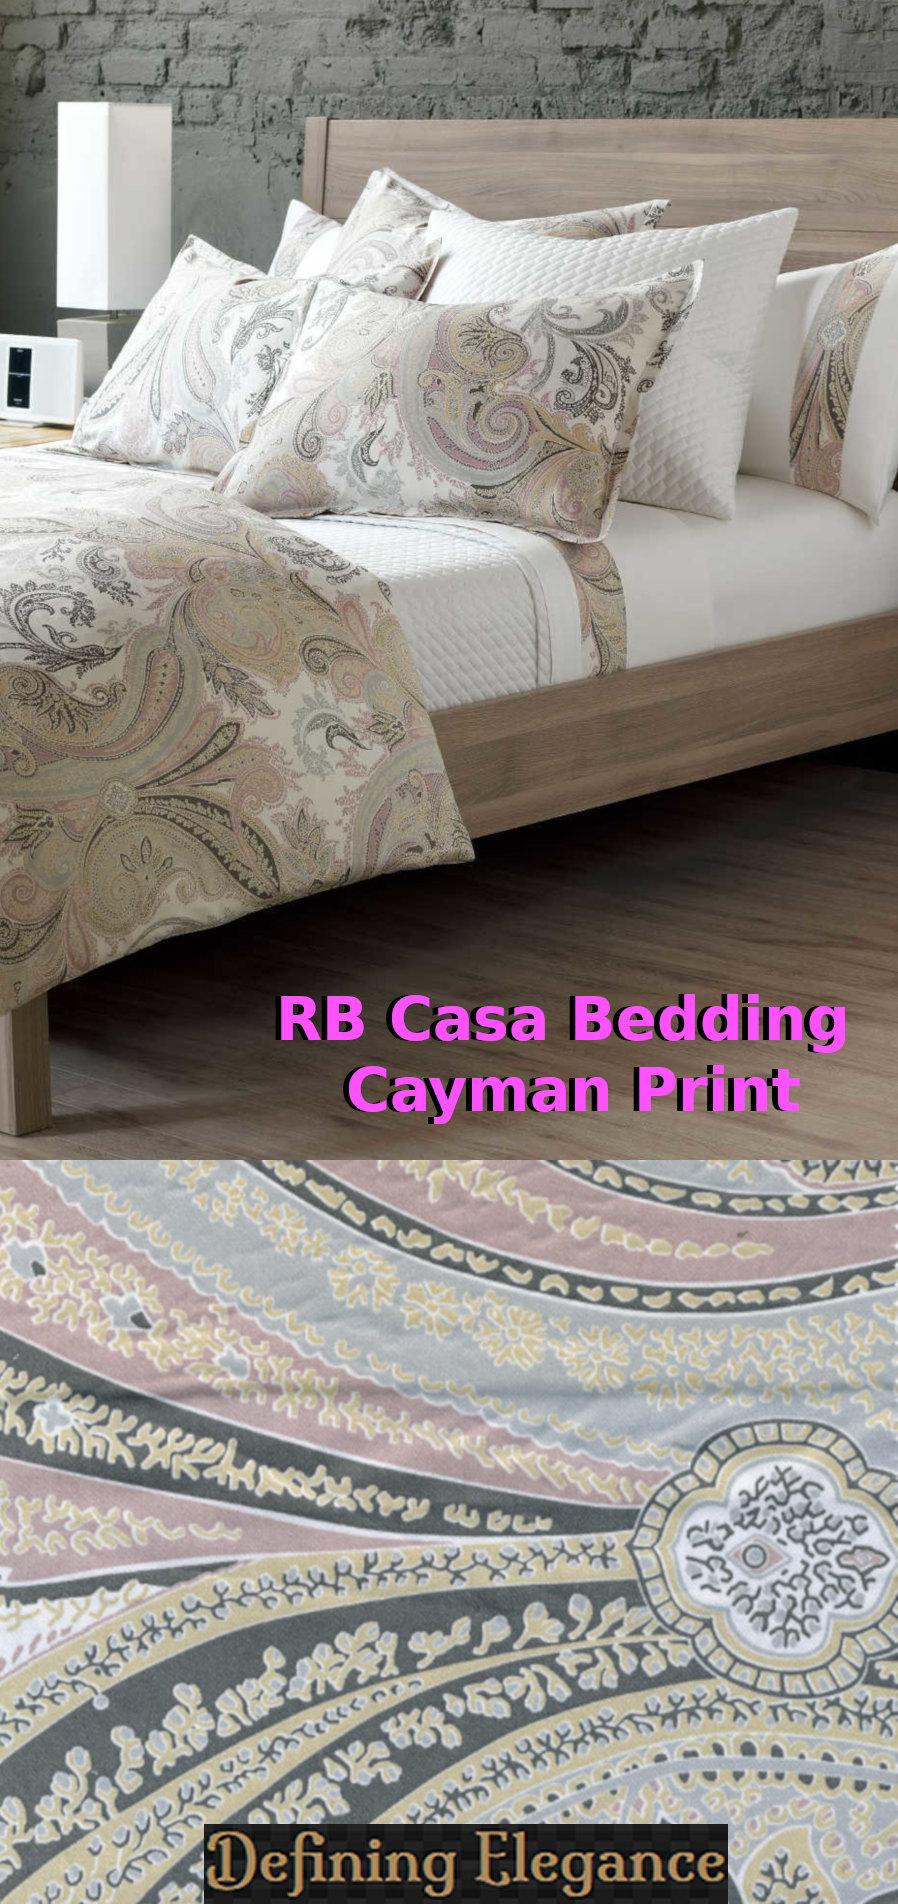 RB Casa Cayman - Sateen Bedding